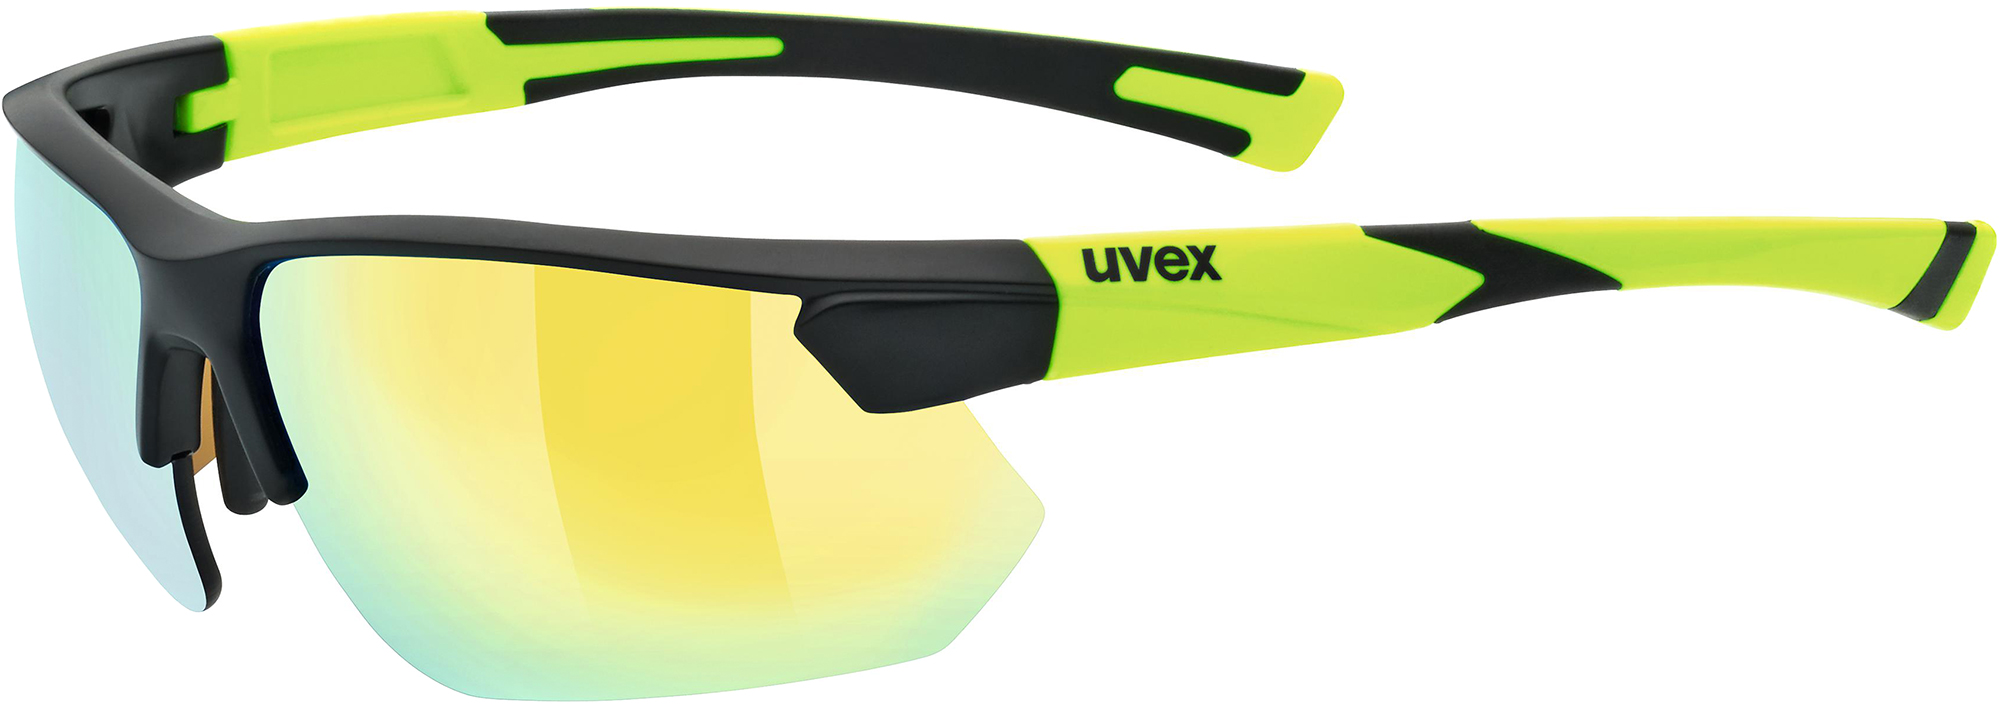 uvex шлем велосипедный uvex i vo c размер 52 56 Uvex Солнцезащитные очки Uvex Sportstyle 221